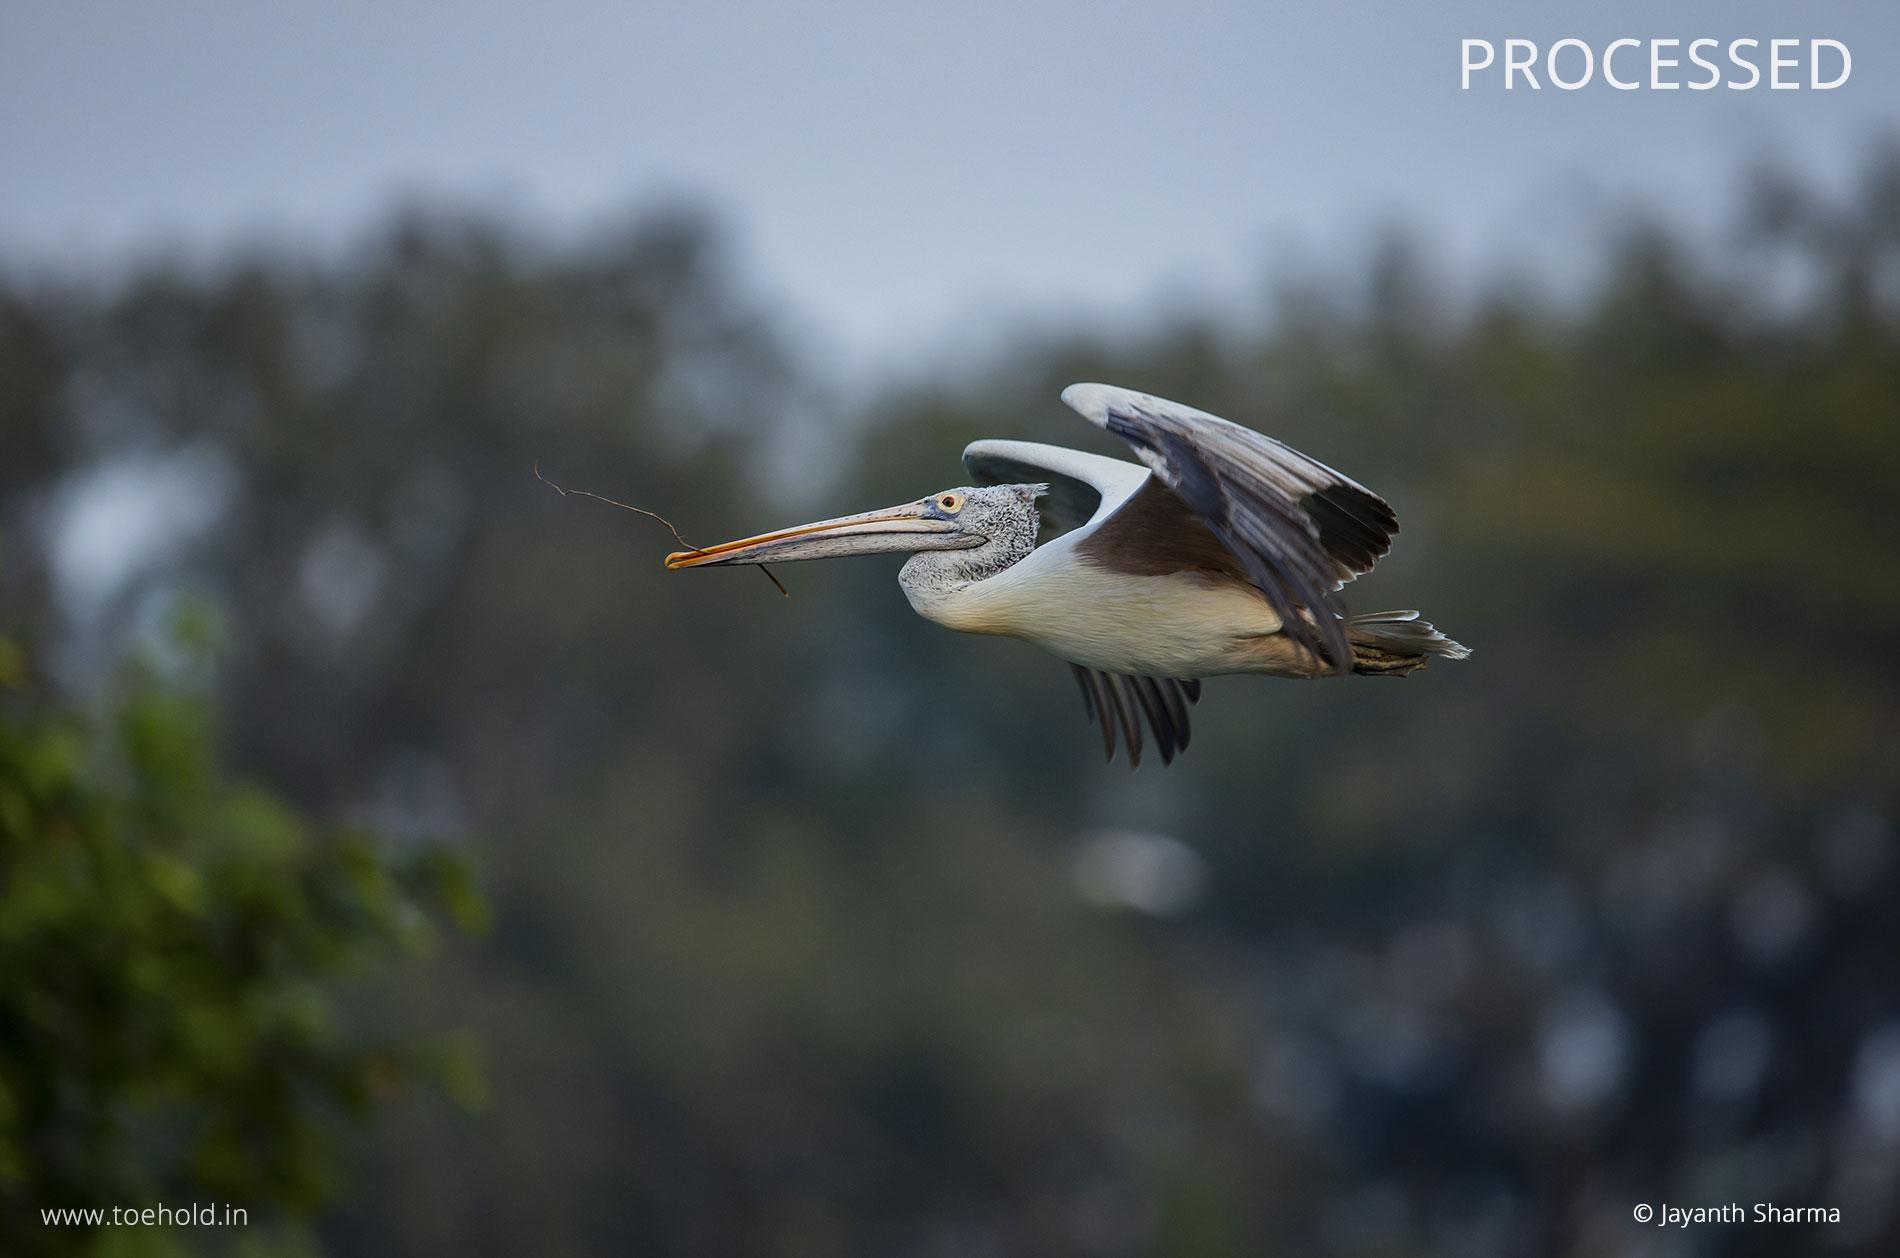 Pelican processed